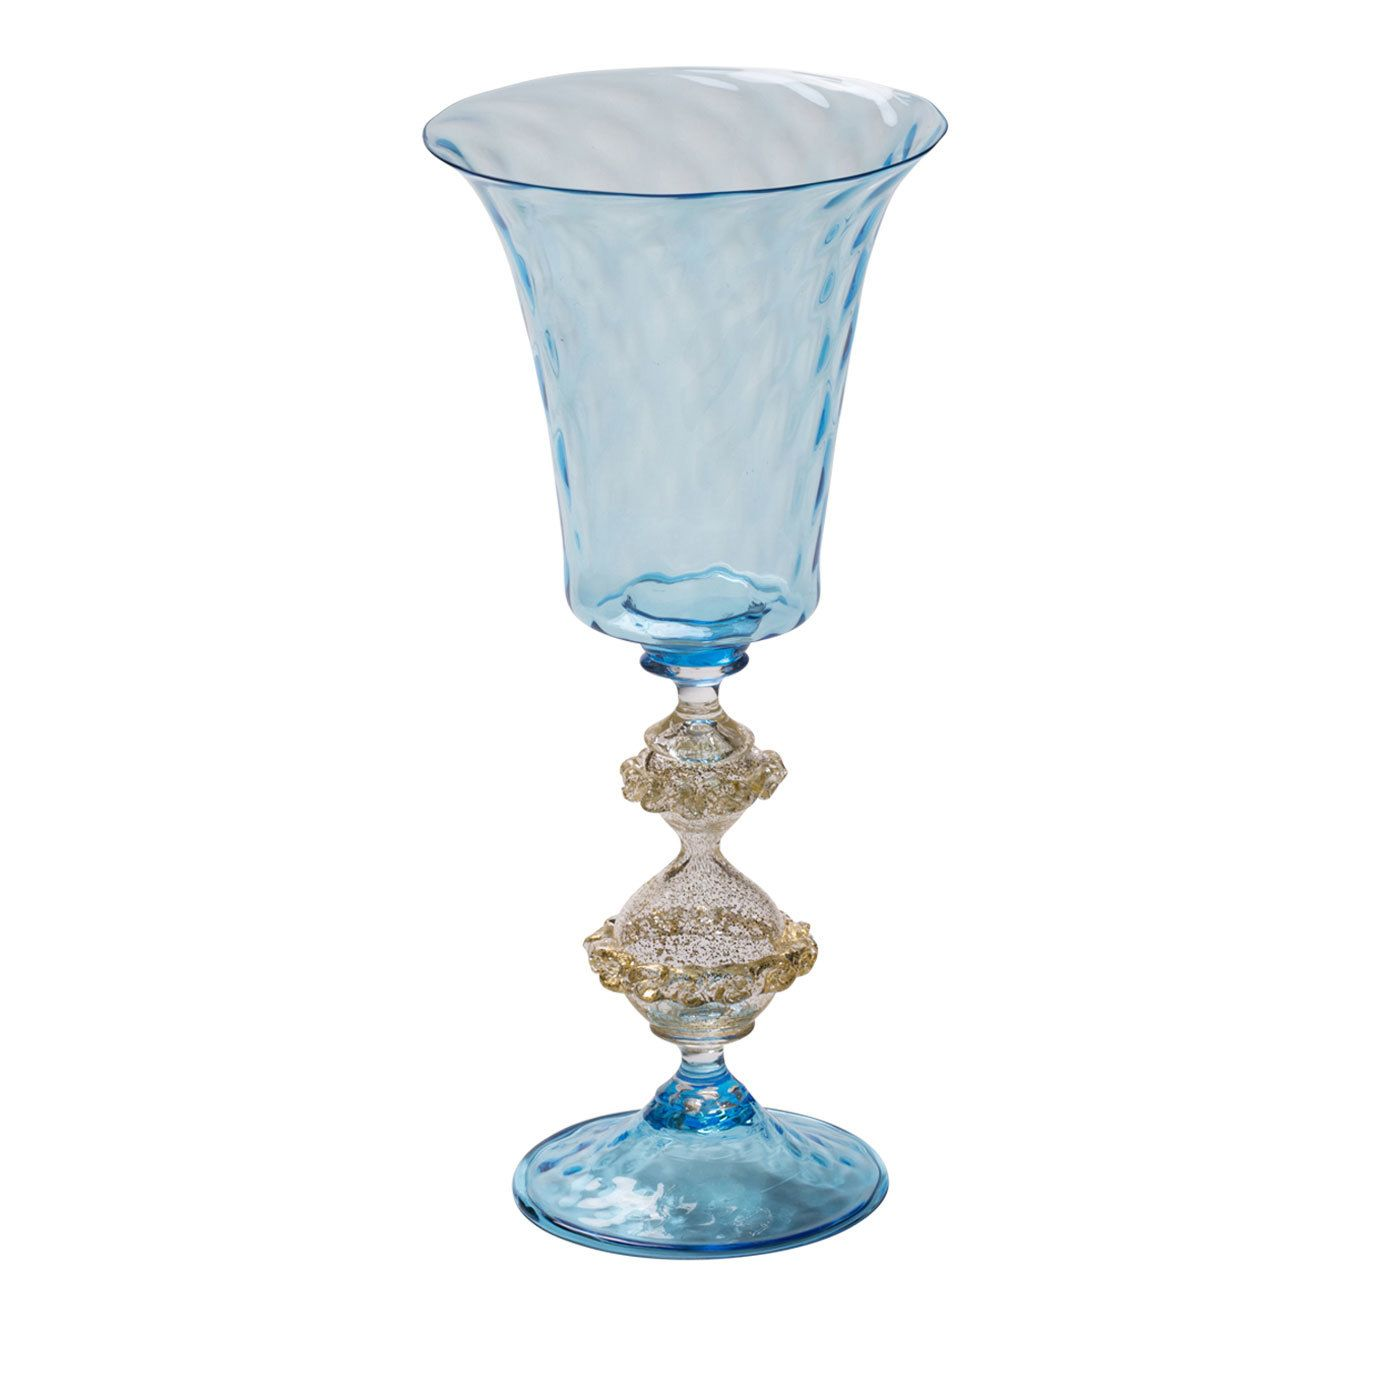 Calice Acquamare III Murano Wine Glass | Silver cutlery, Glasses ...